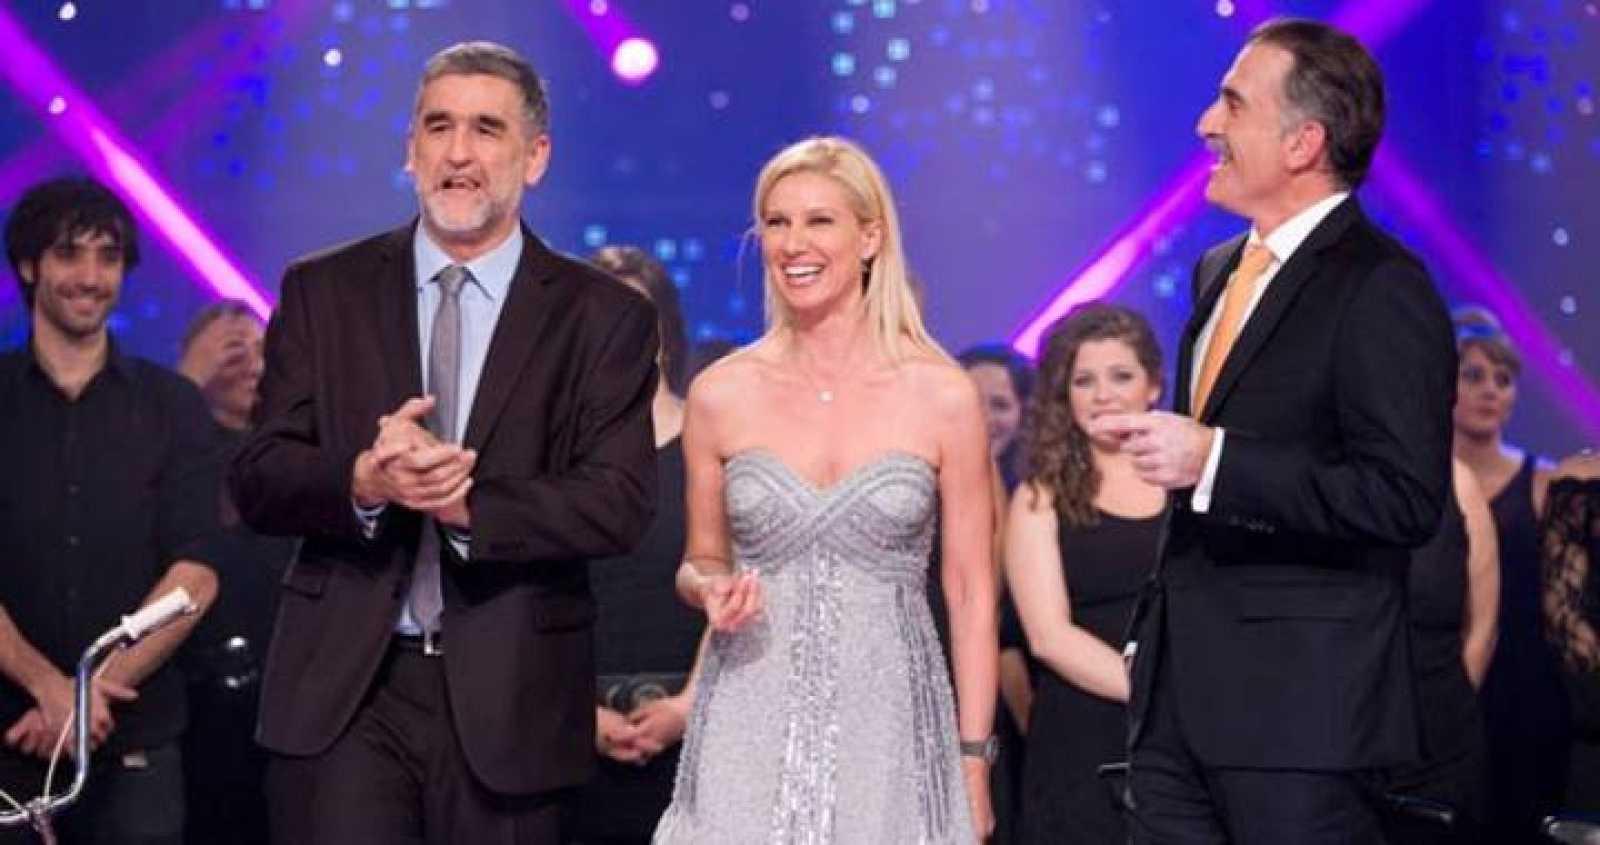 La Gala 'Inocente, Inocente' recauda por segundo año consecutivo más de un millón de euros